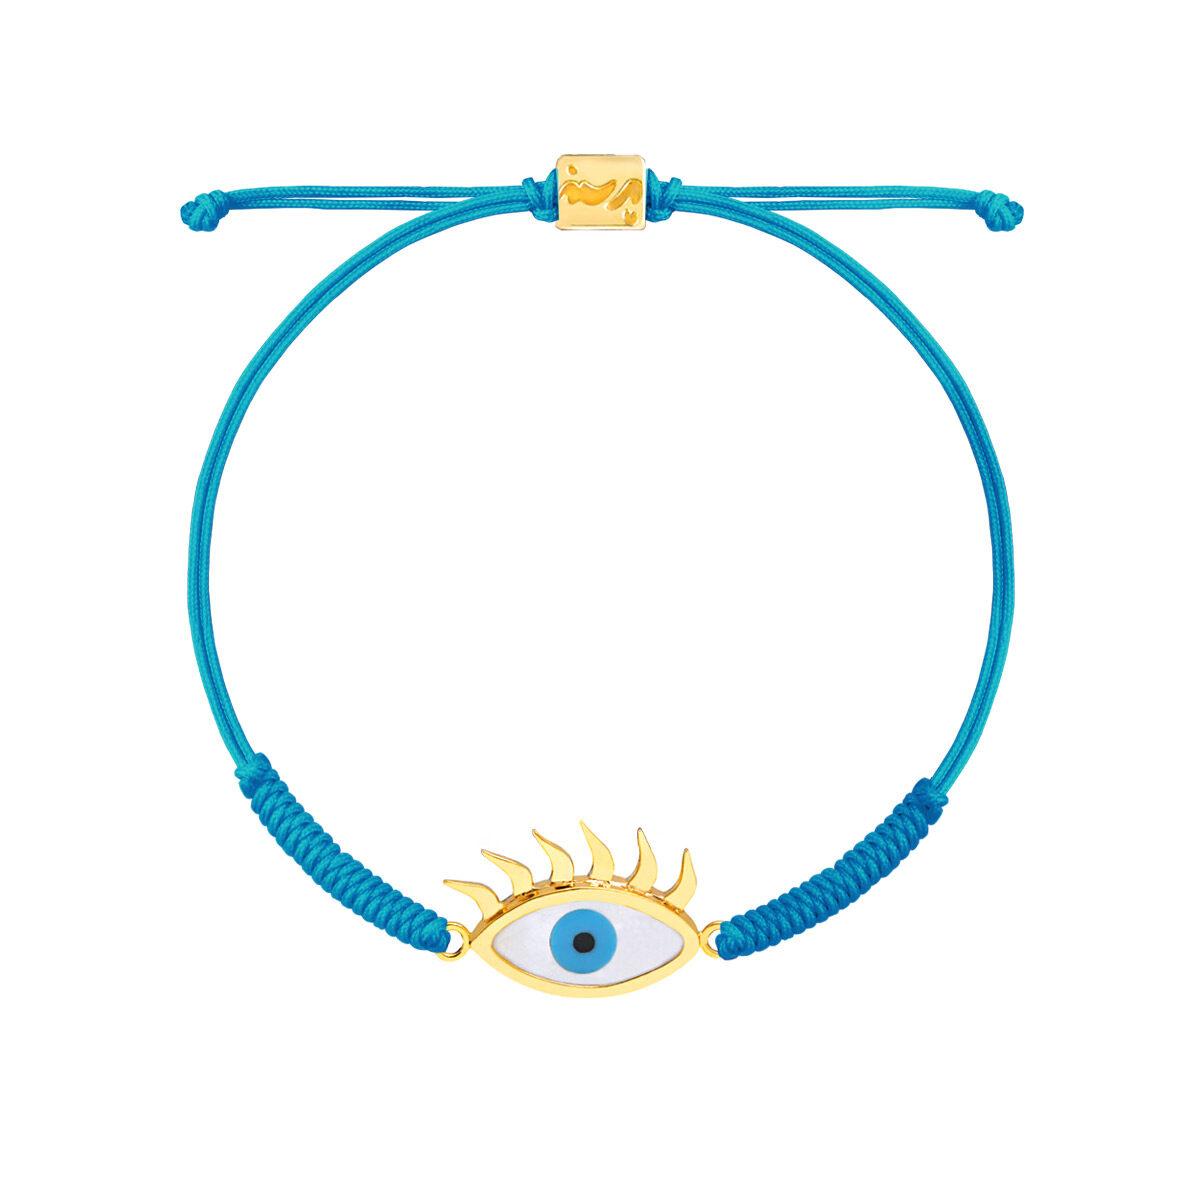 دستبند طلا بافت مکرمه آبی کارتونی چشم مژه دار